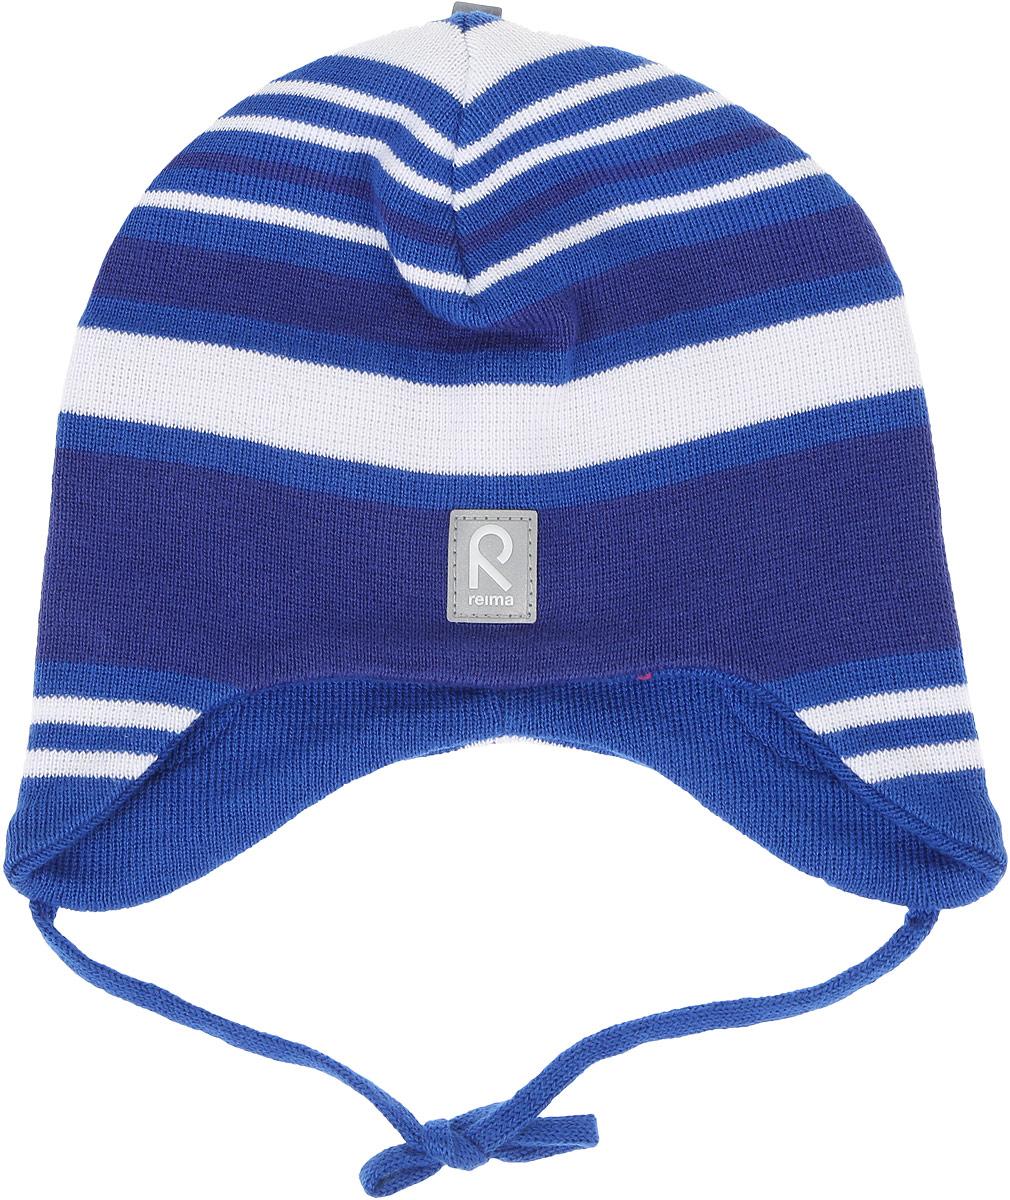 Шапка детская Reima Aqueous, цвет: синий, белый. 518393A. Размер 46518393AВязаная шапочка для малышей подходит на все случаи жизни. Благодаря классическому дизайну, она отлично сочетается с различными вариантами одежды. Полуподкладка из хлопчатобумажного трикотажа гарантирует тепло, а ветронепроницаемые вставки между верхним слоем и подкладкой защищают уши. Осенью рано темнеет, поэтому светоотражающие детали обеспечат дополнительную безопасность.